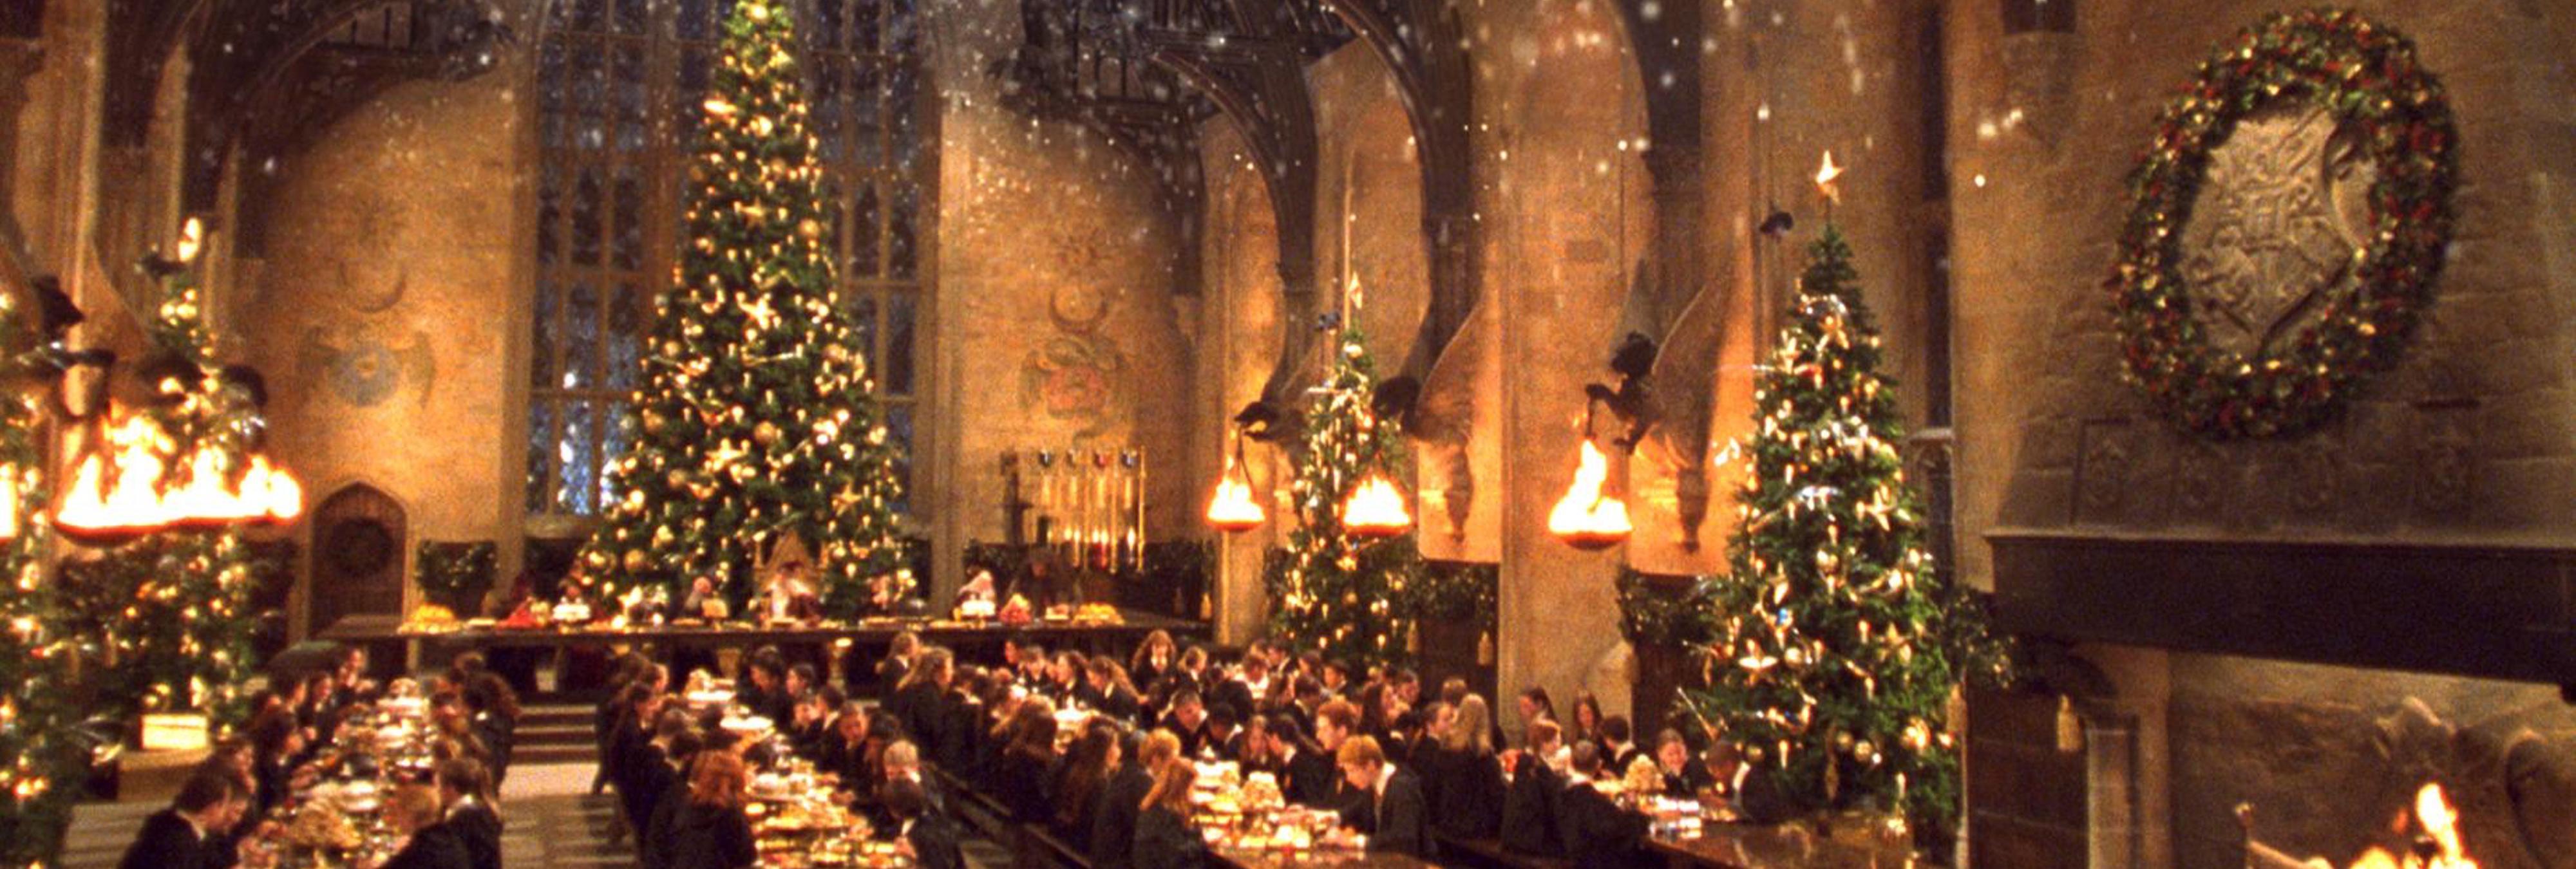 Ya puedes cenar en el gran comedor de hogwarts por navidad for Comedor harry potter